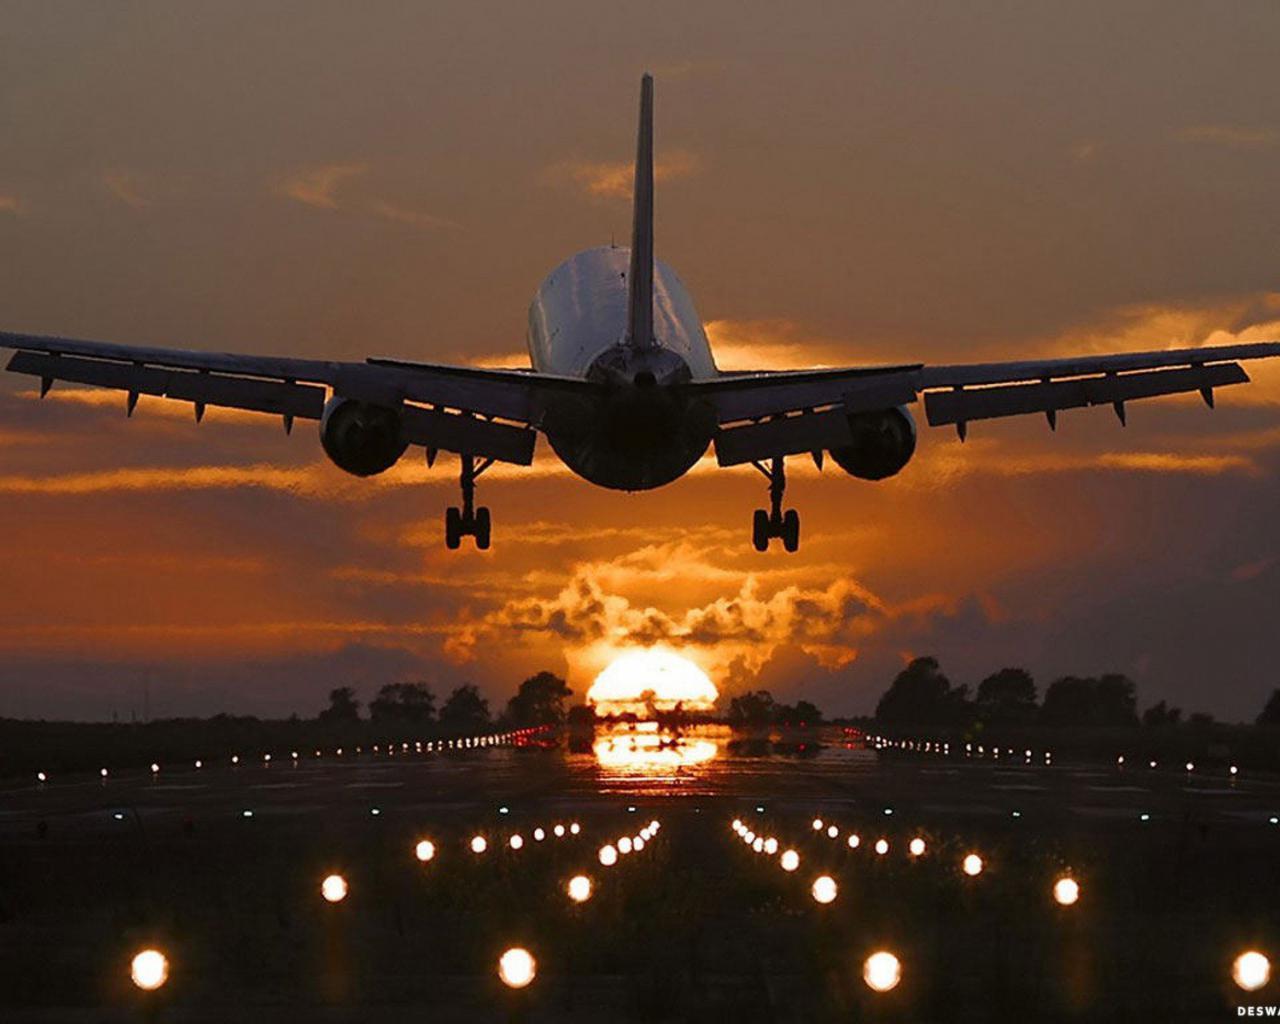 Viajando En Avión: Viajar En Avión Cuesta Sólo $400 Más Que Por Tierra